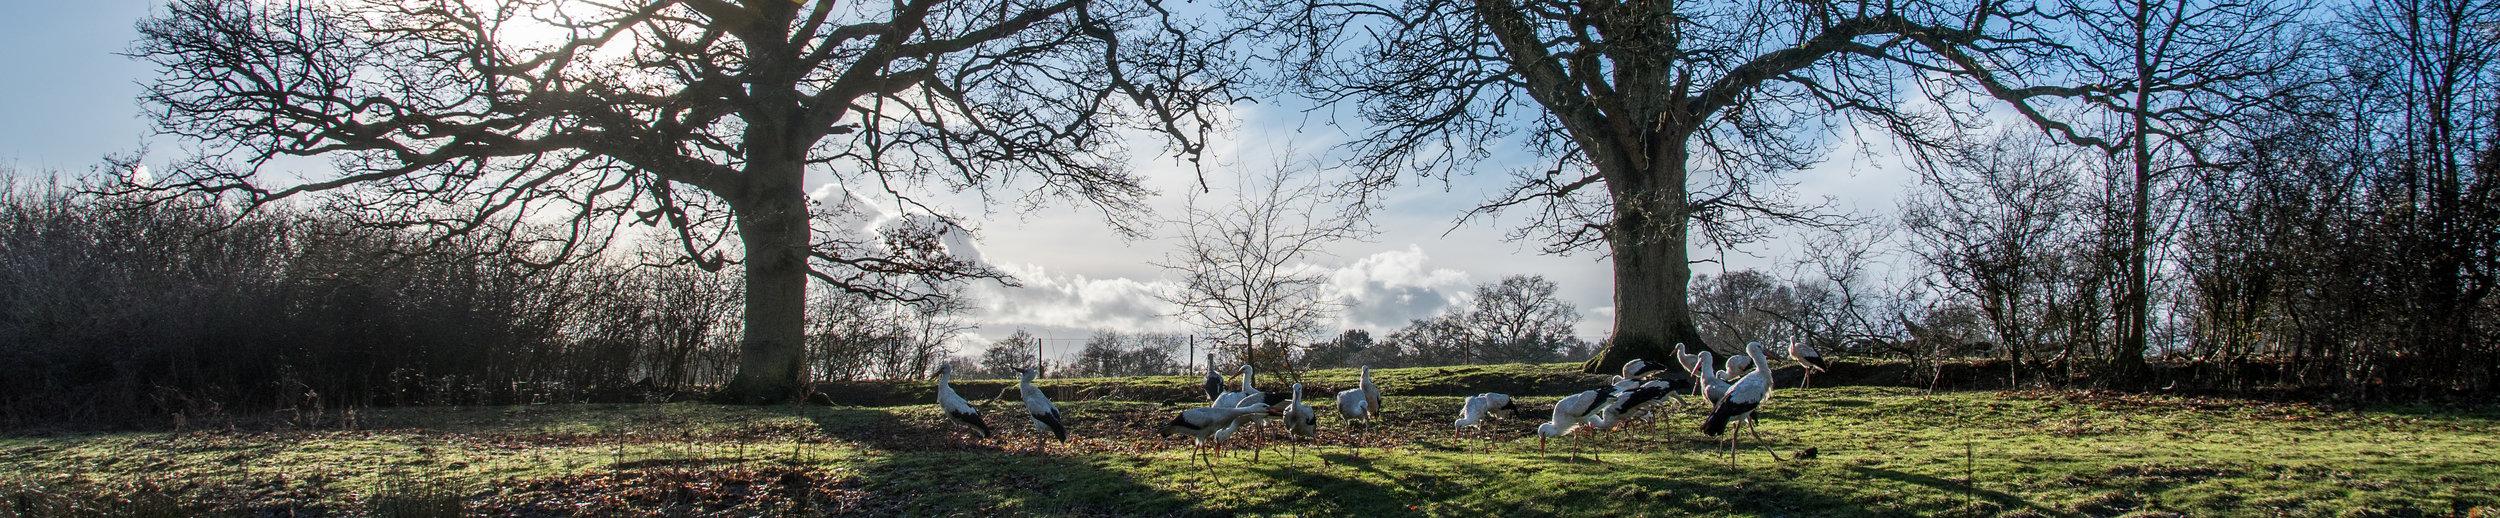 White Storks in the Knepp pen.jpg